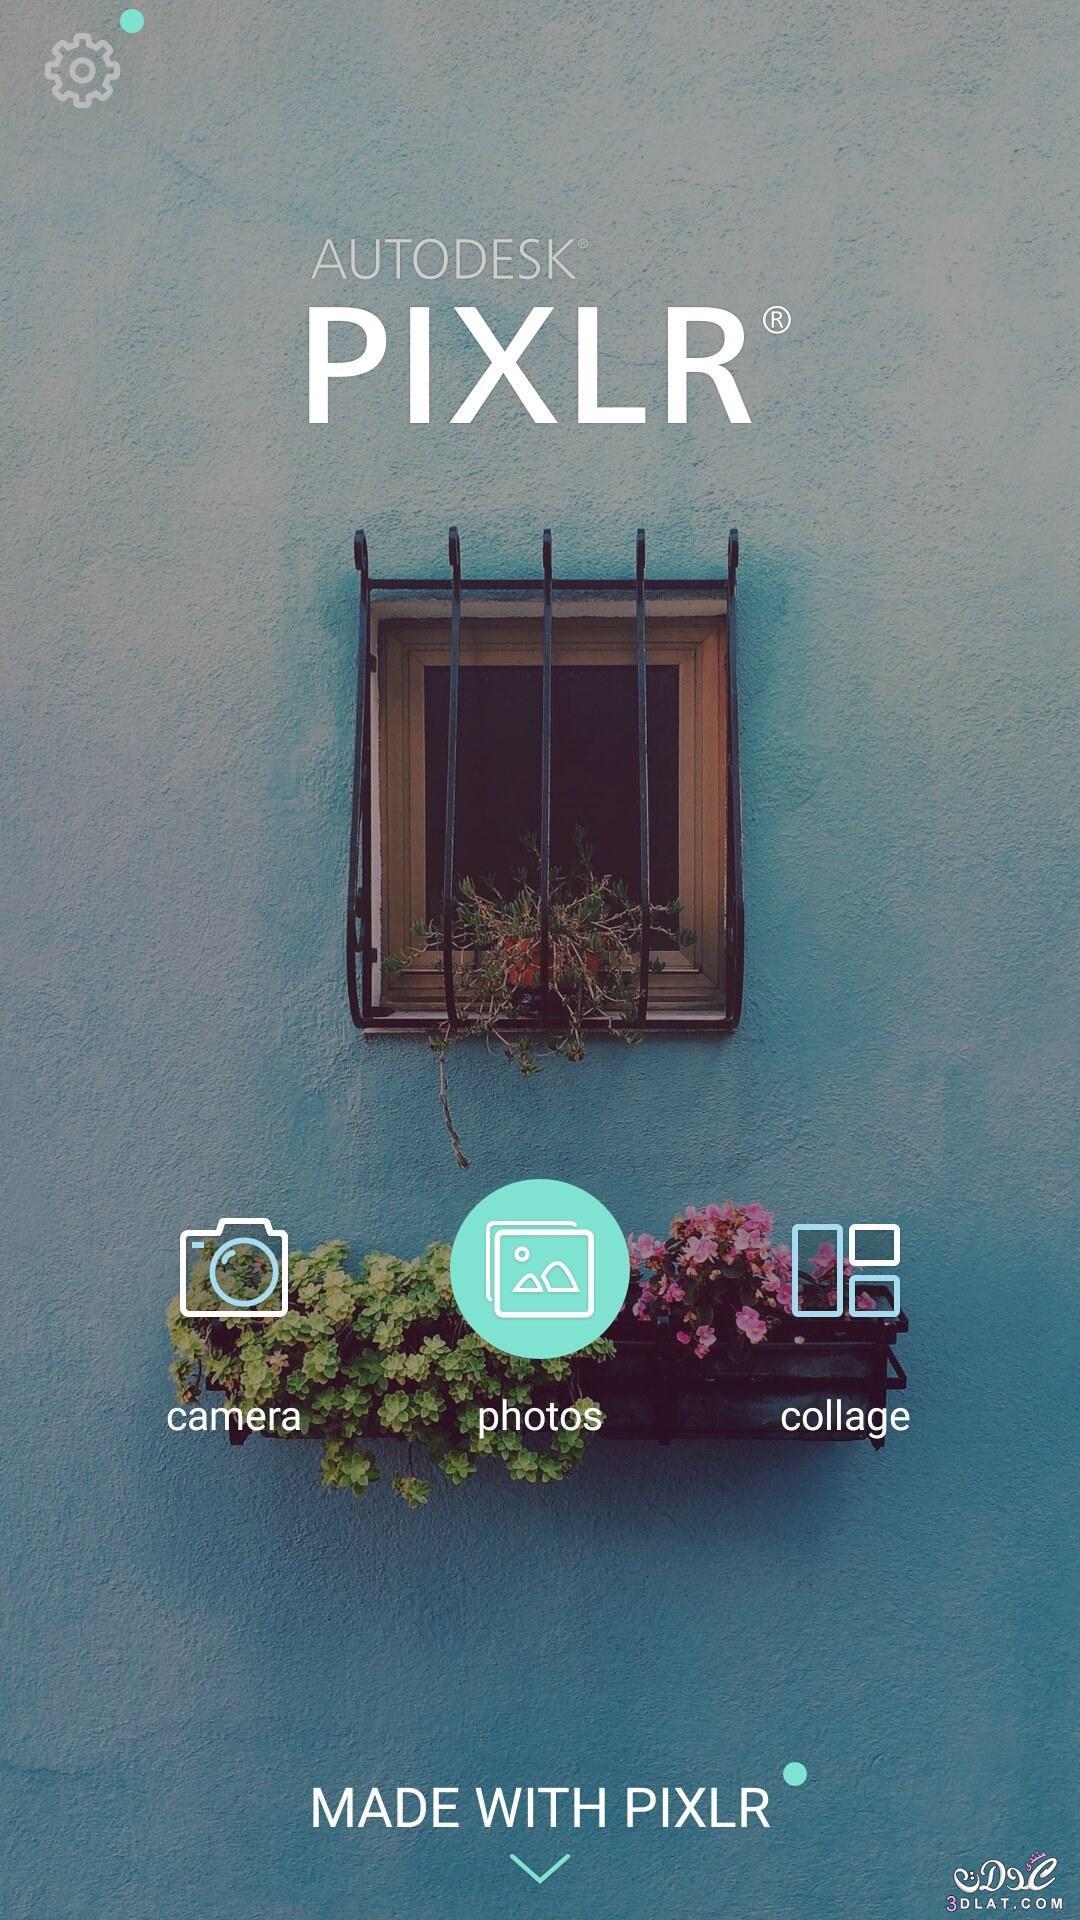 حصرياً:بالصور برامج لموبايل اندرويد و ايفون للتصميم,أفضل برامج للكتابة على الصور coobra.net